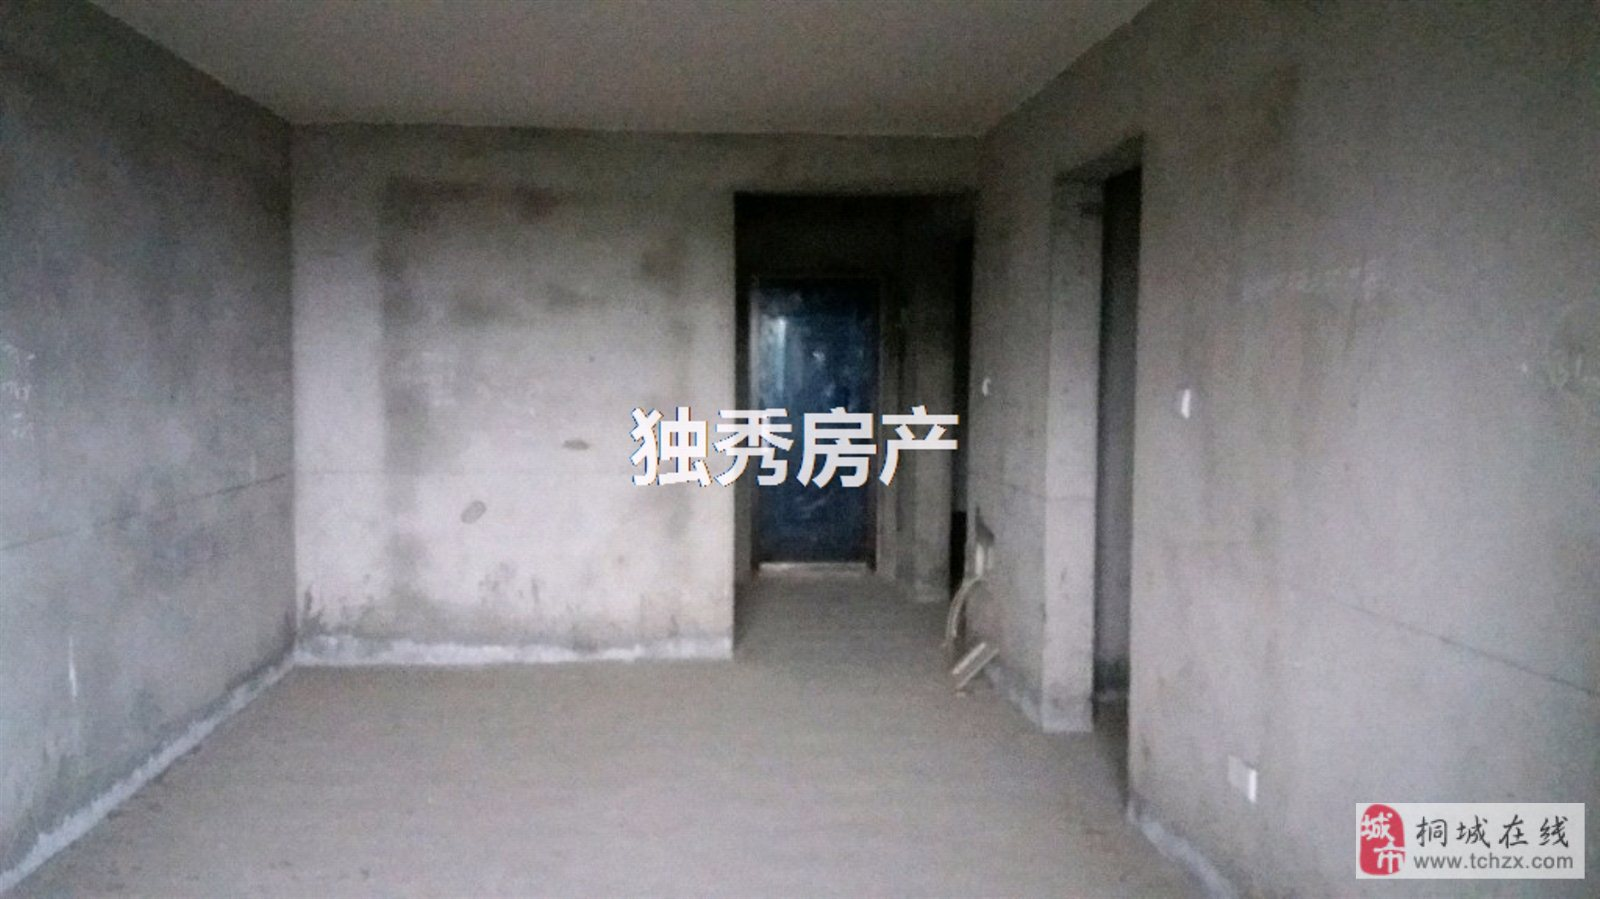 鸿润·龙腾首府3室2厅1卫65万元